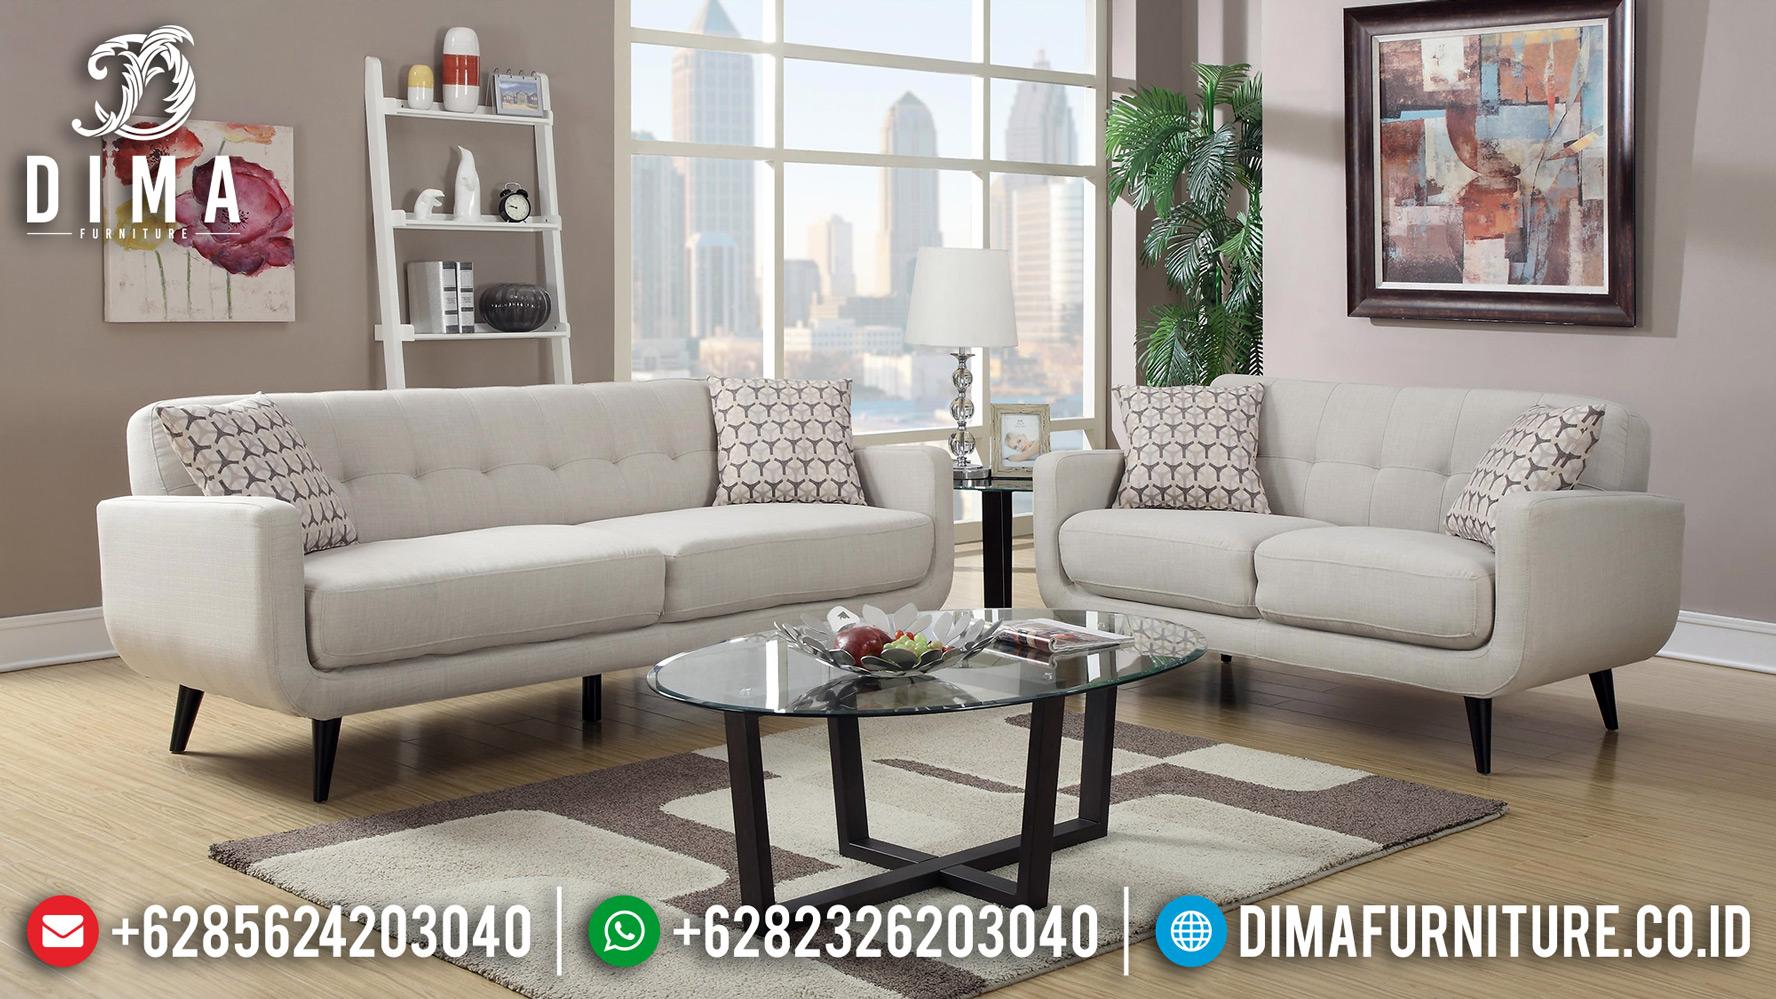 New Models Sofa Tamu Minimalis Jepara Design Interior Modern TTJ-0486